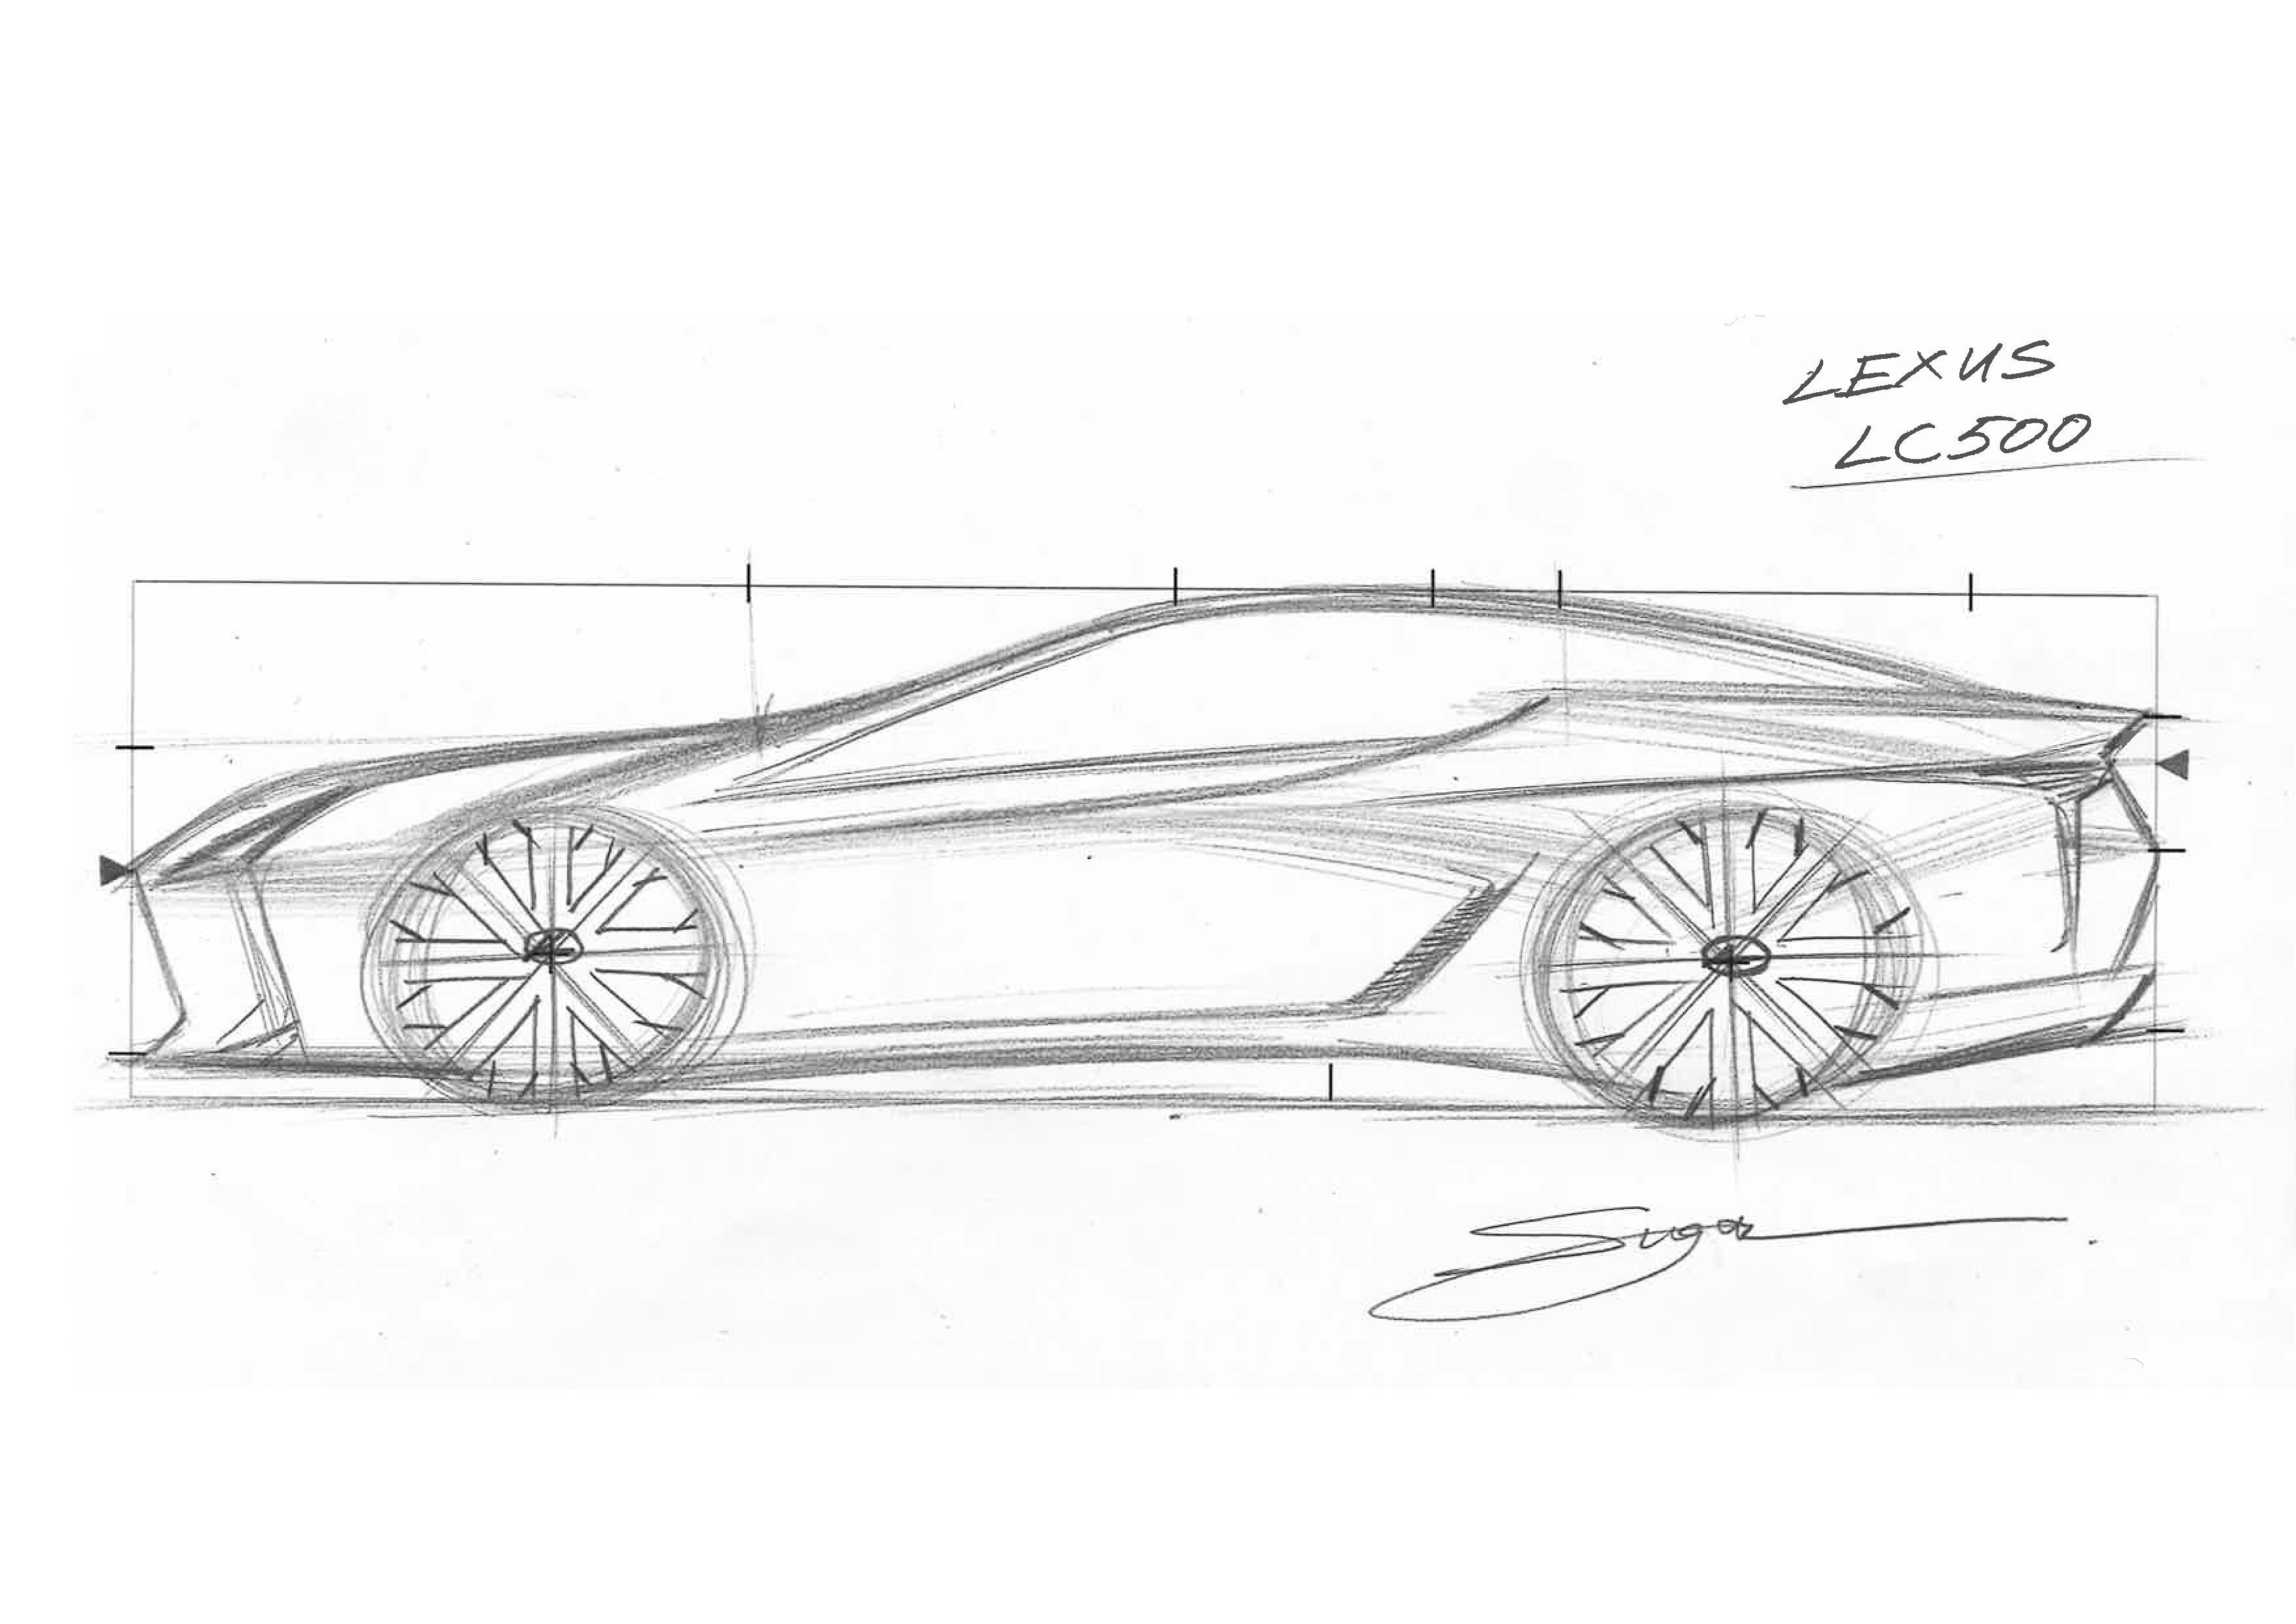 Lexus mostra fas como desenhar Image